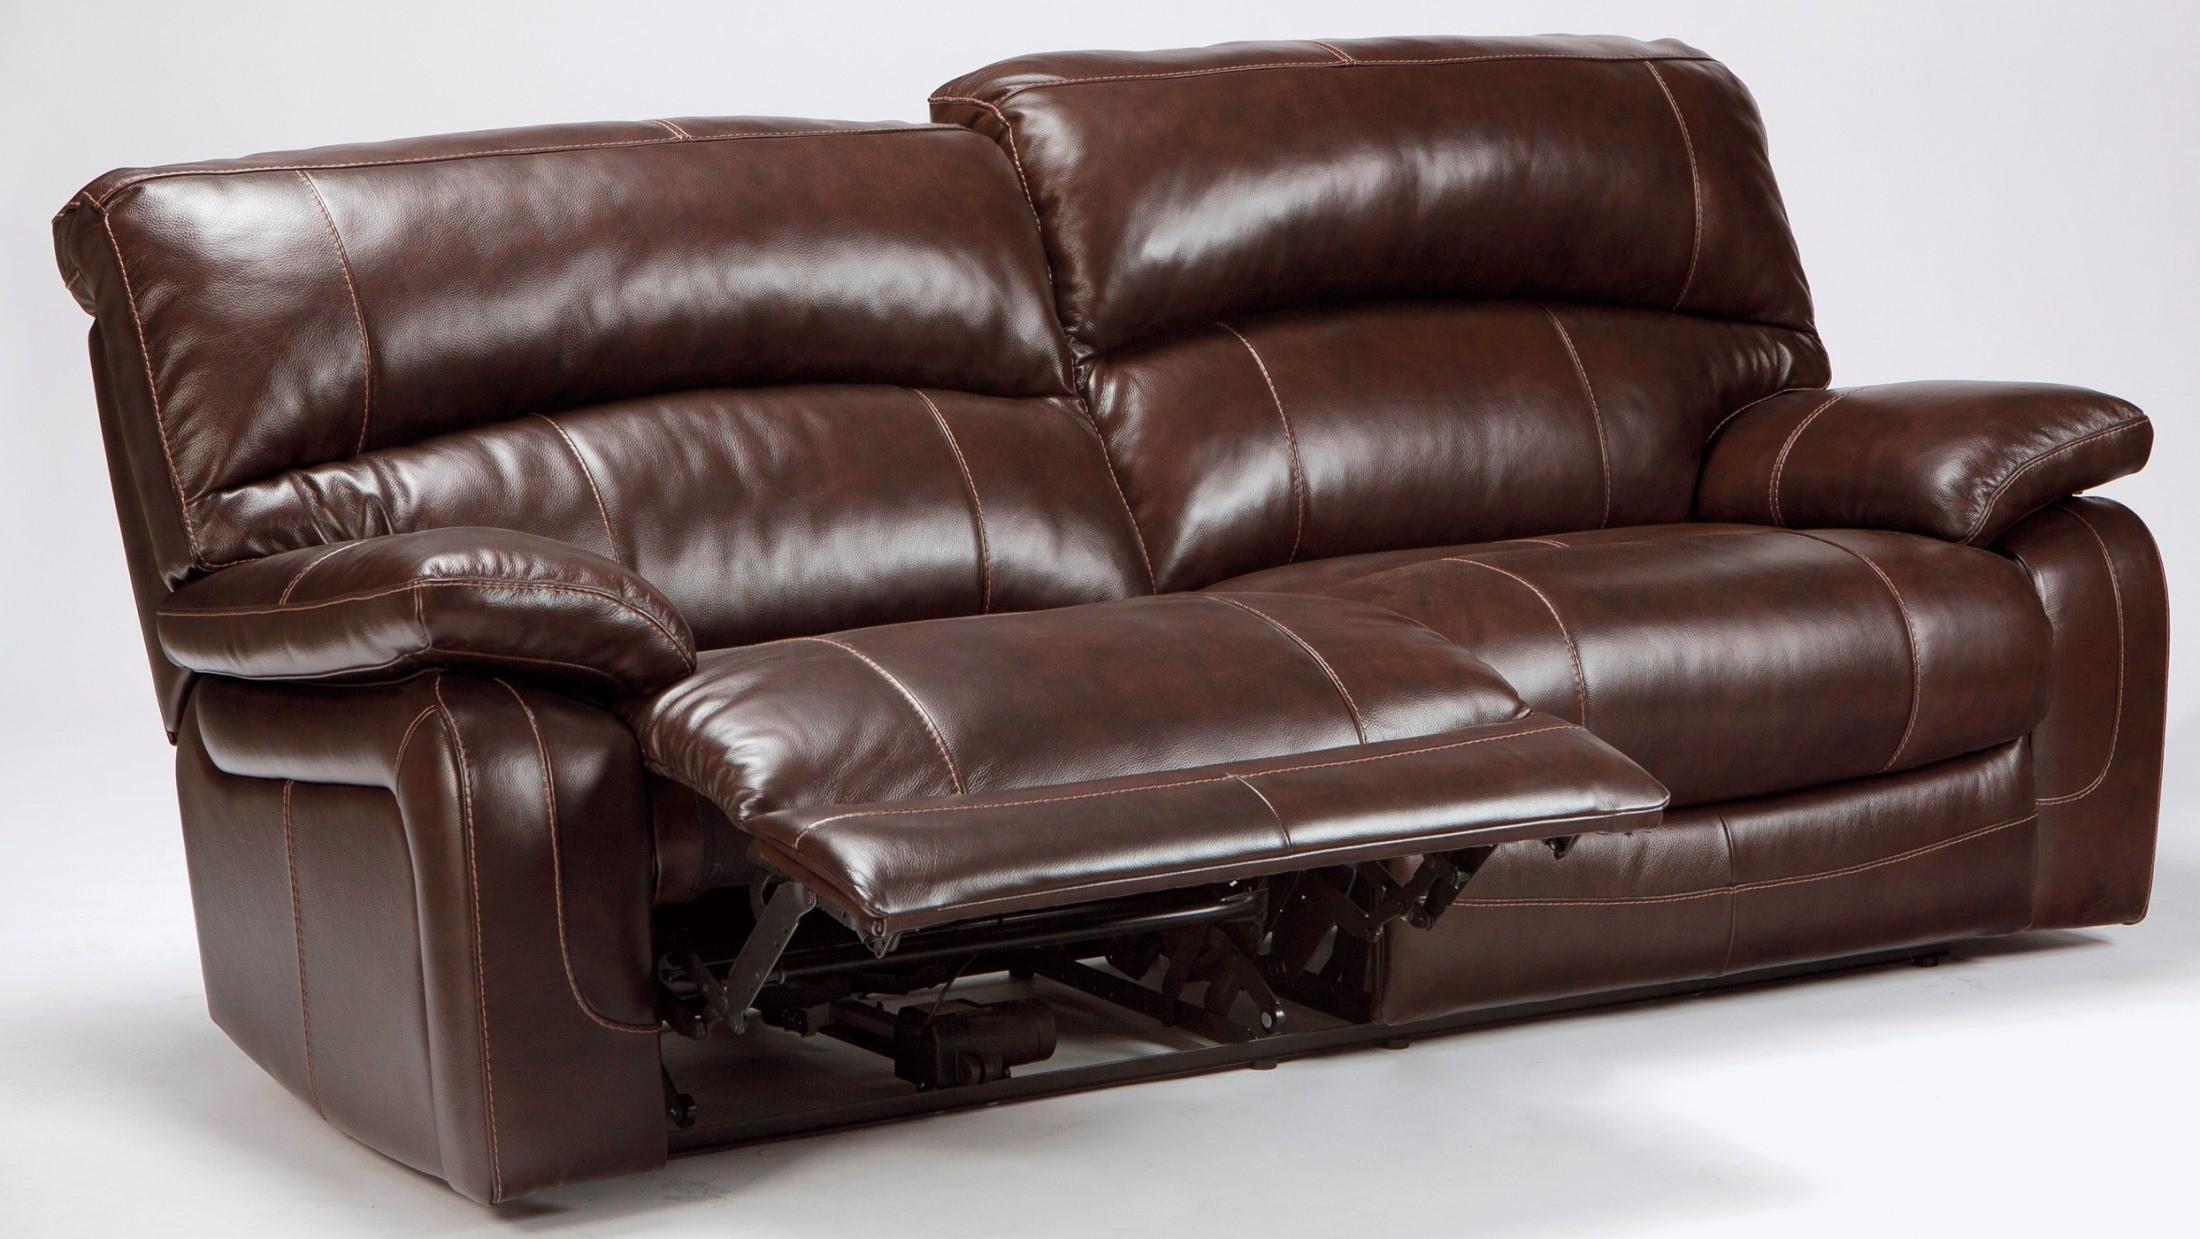 20 Choices Of Recliner Sofa Chairs Sofa Ideas